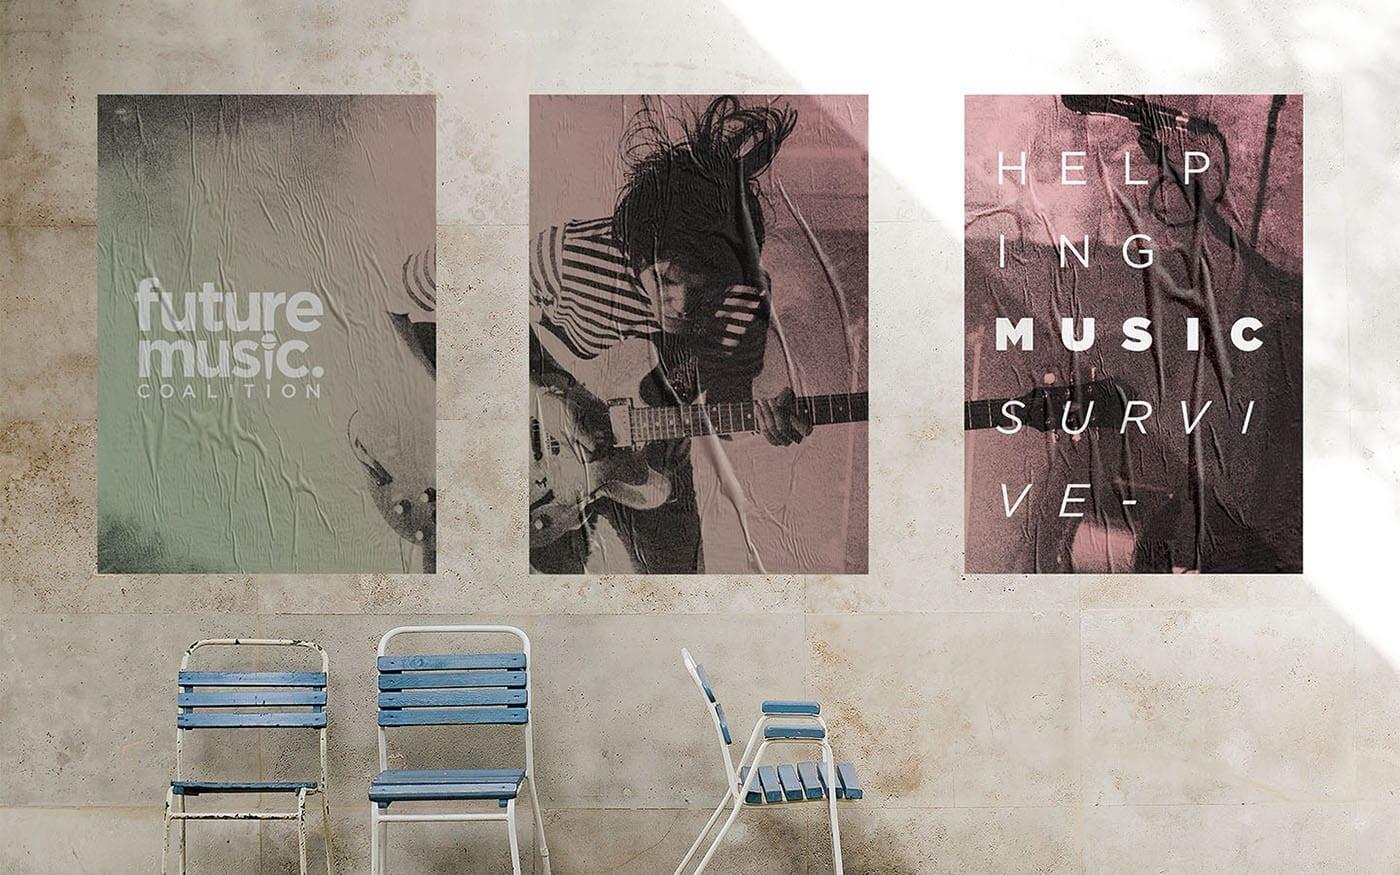 Future Music Coalition